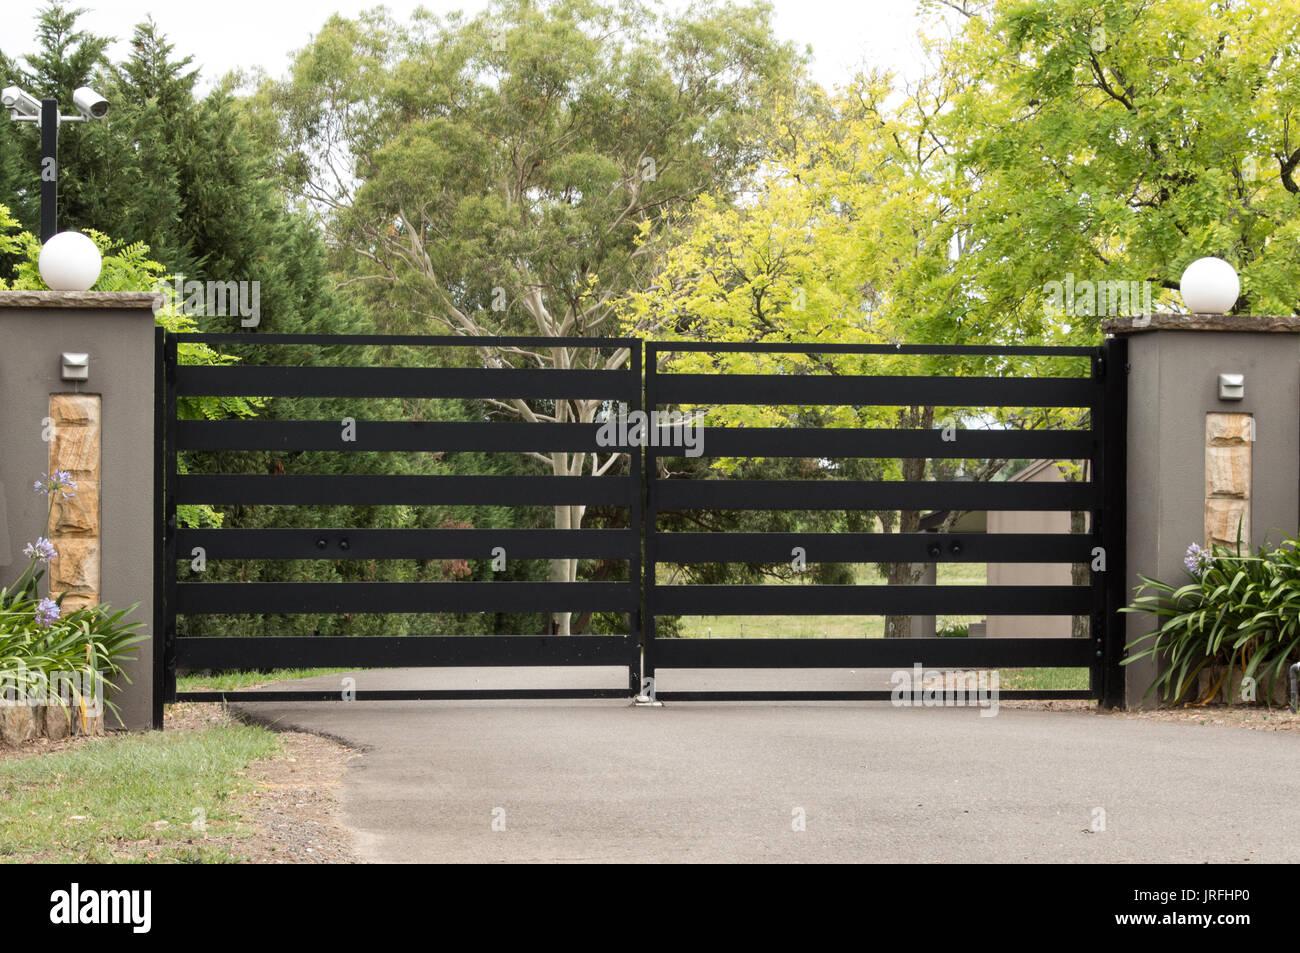 Puertas de entrada de metal fijado en la valla de ladrillo con